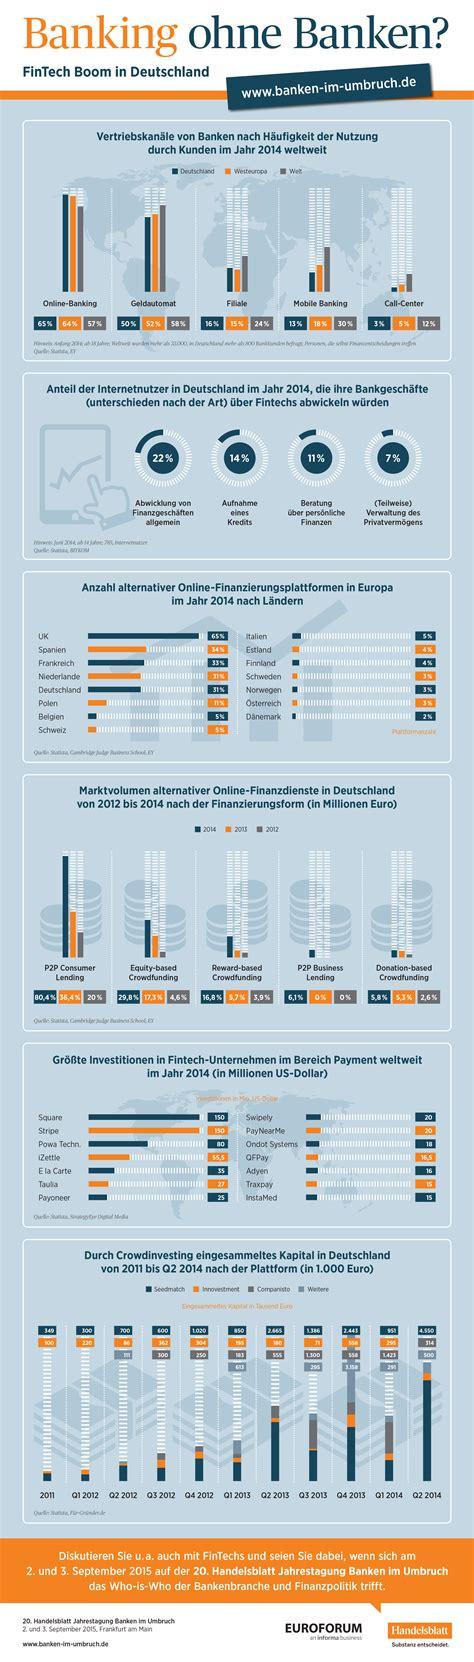 banken ohne kontogebühren infografik banking ohne banken banken im umbruch